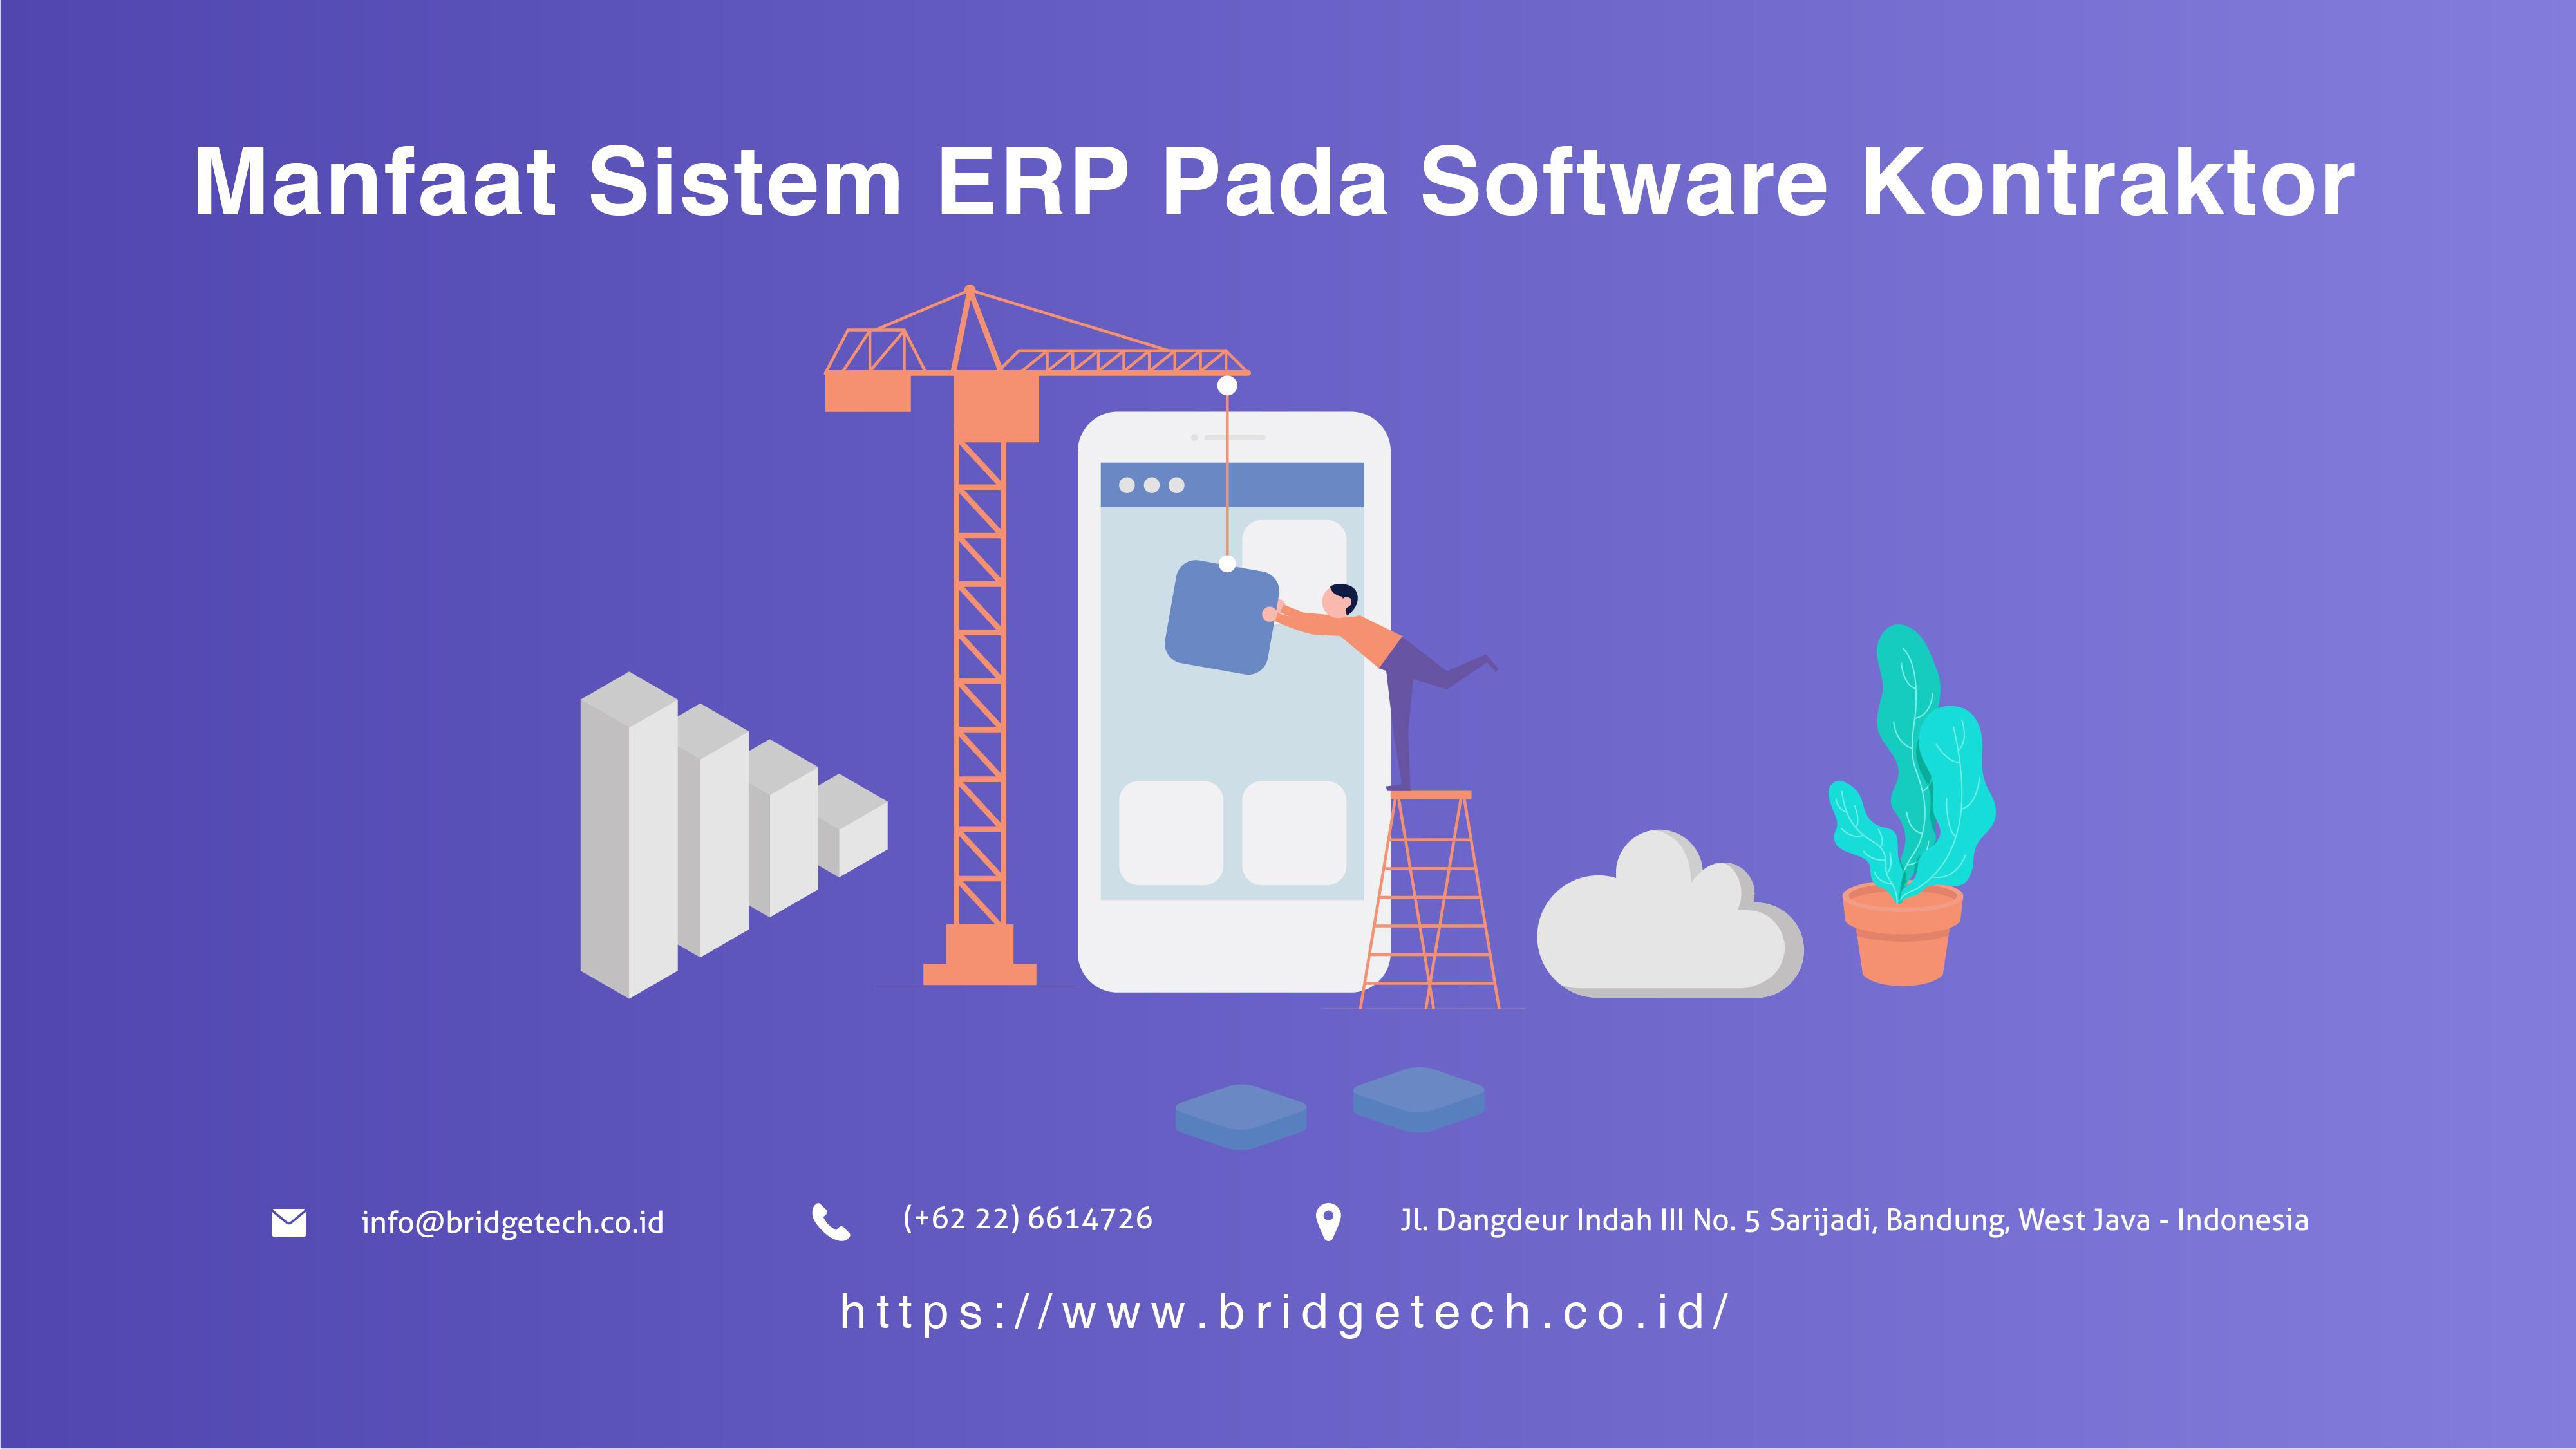 Manfaat Sistem ERP Pada Software Kontraktor